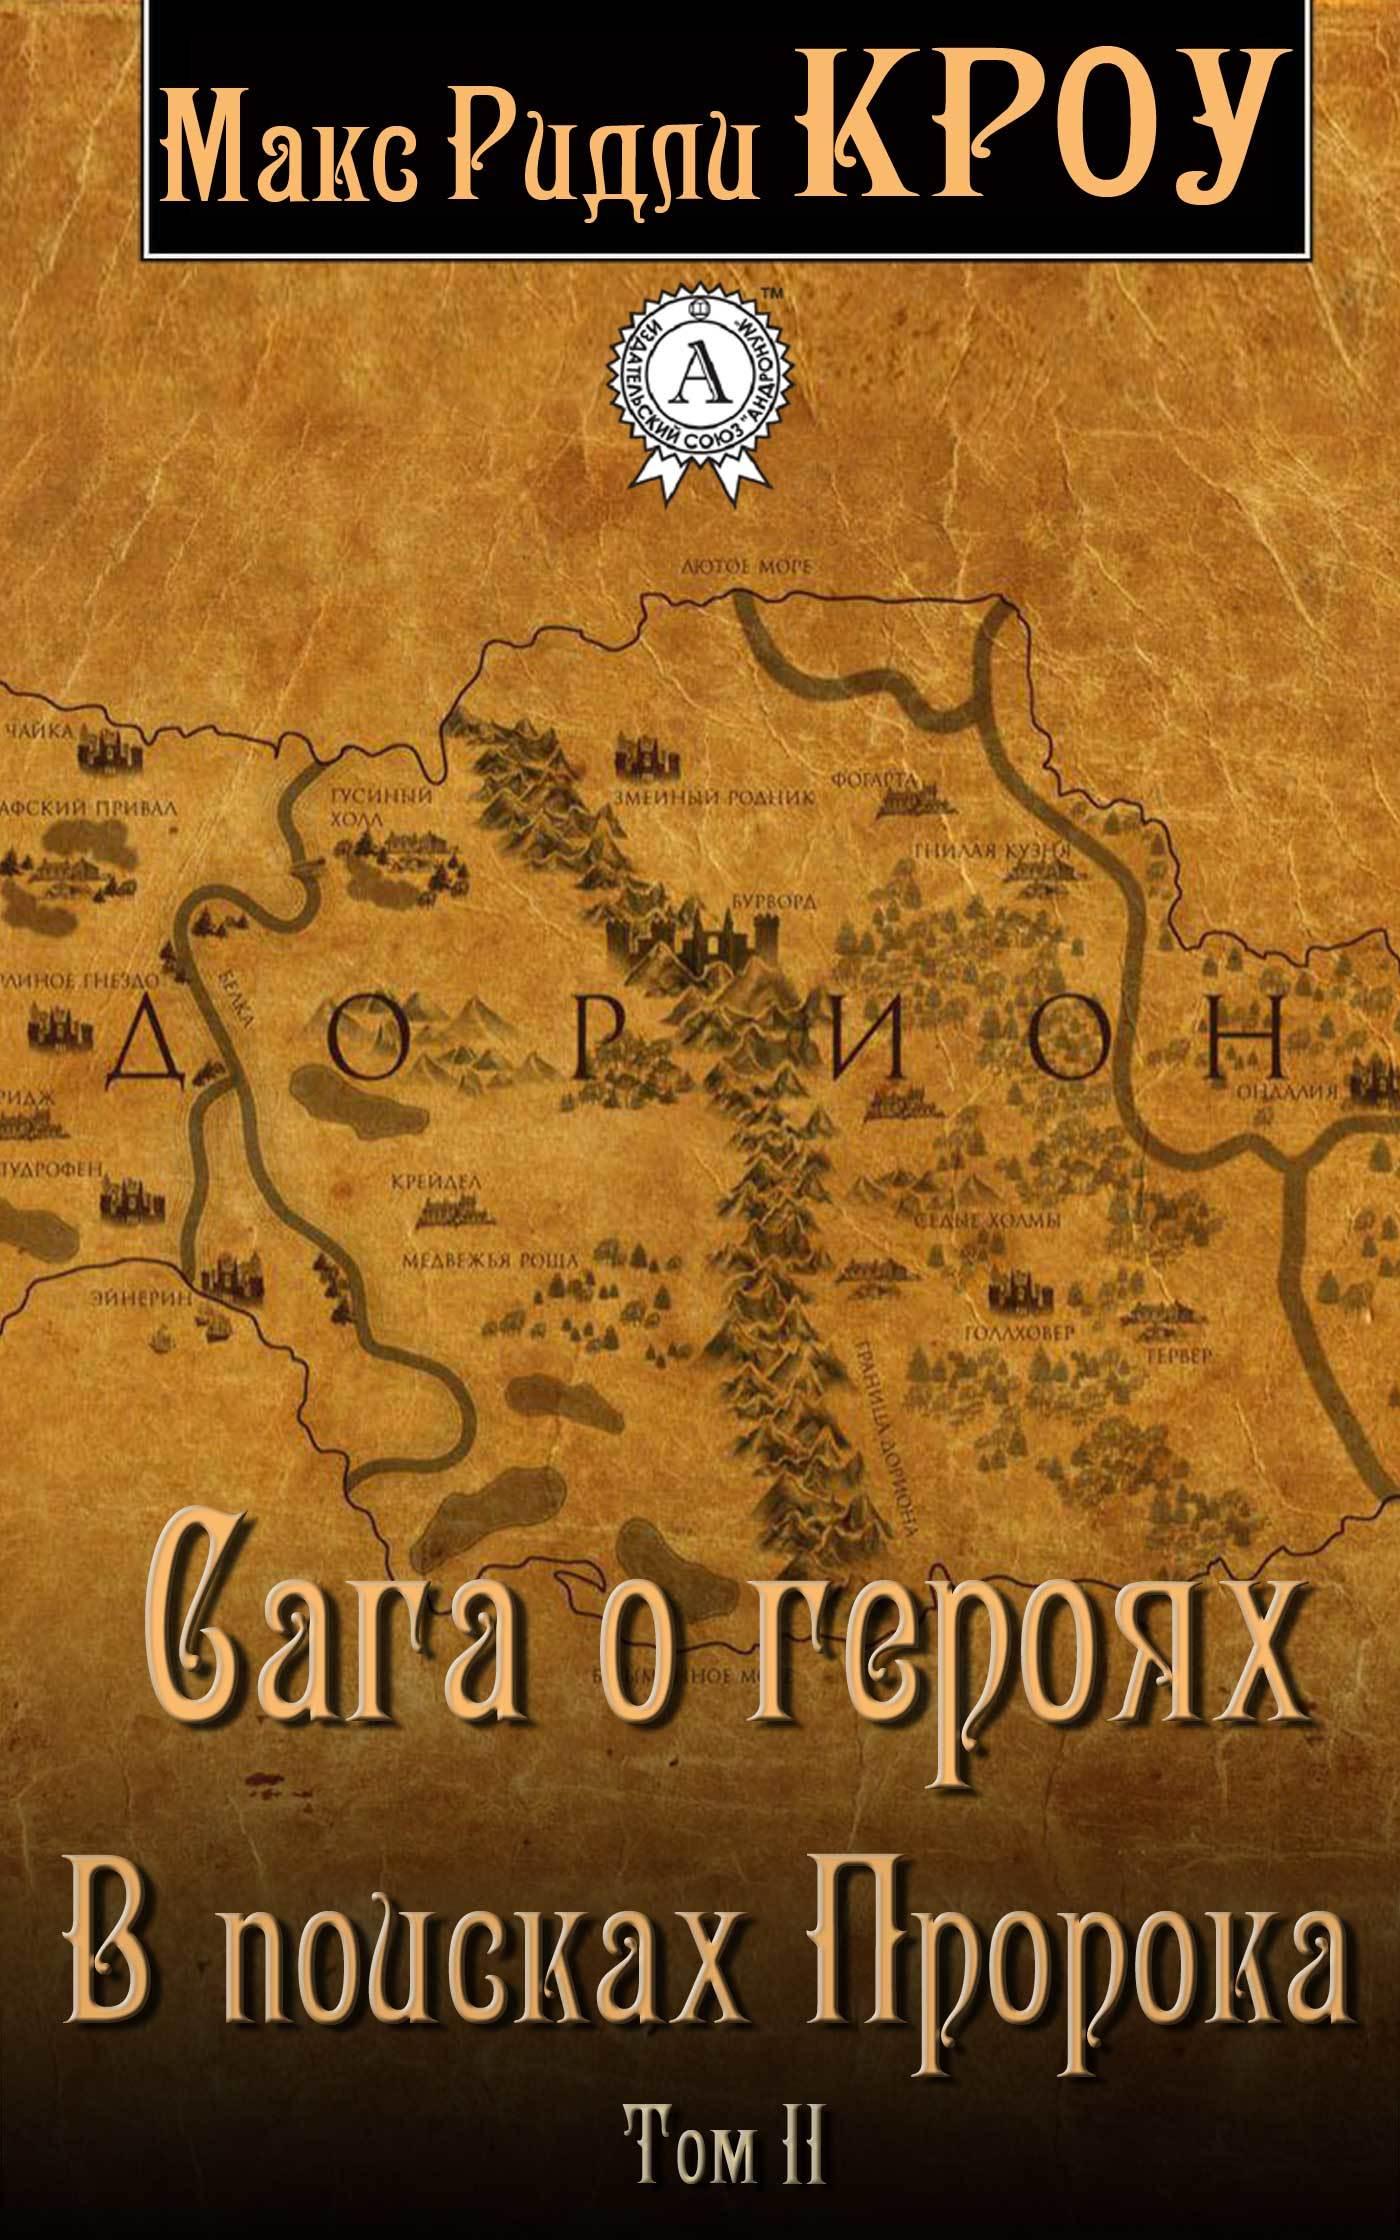 Макс Ридли Кроу - Сага о героях. В поисках Пророка. Том II